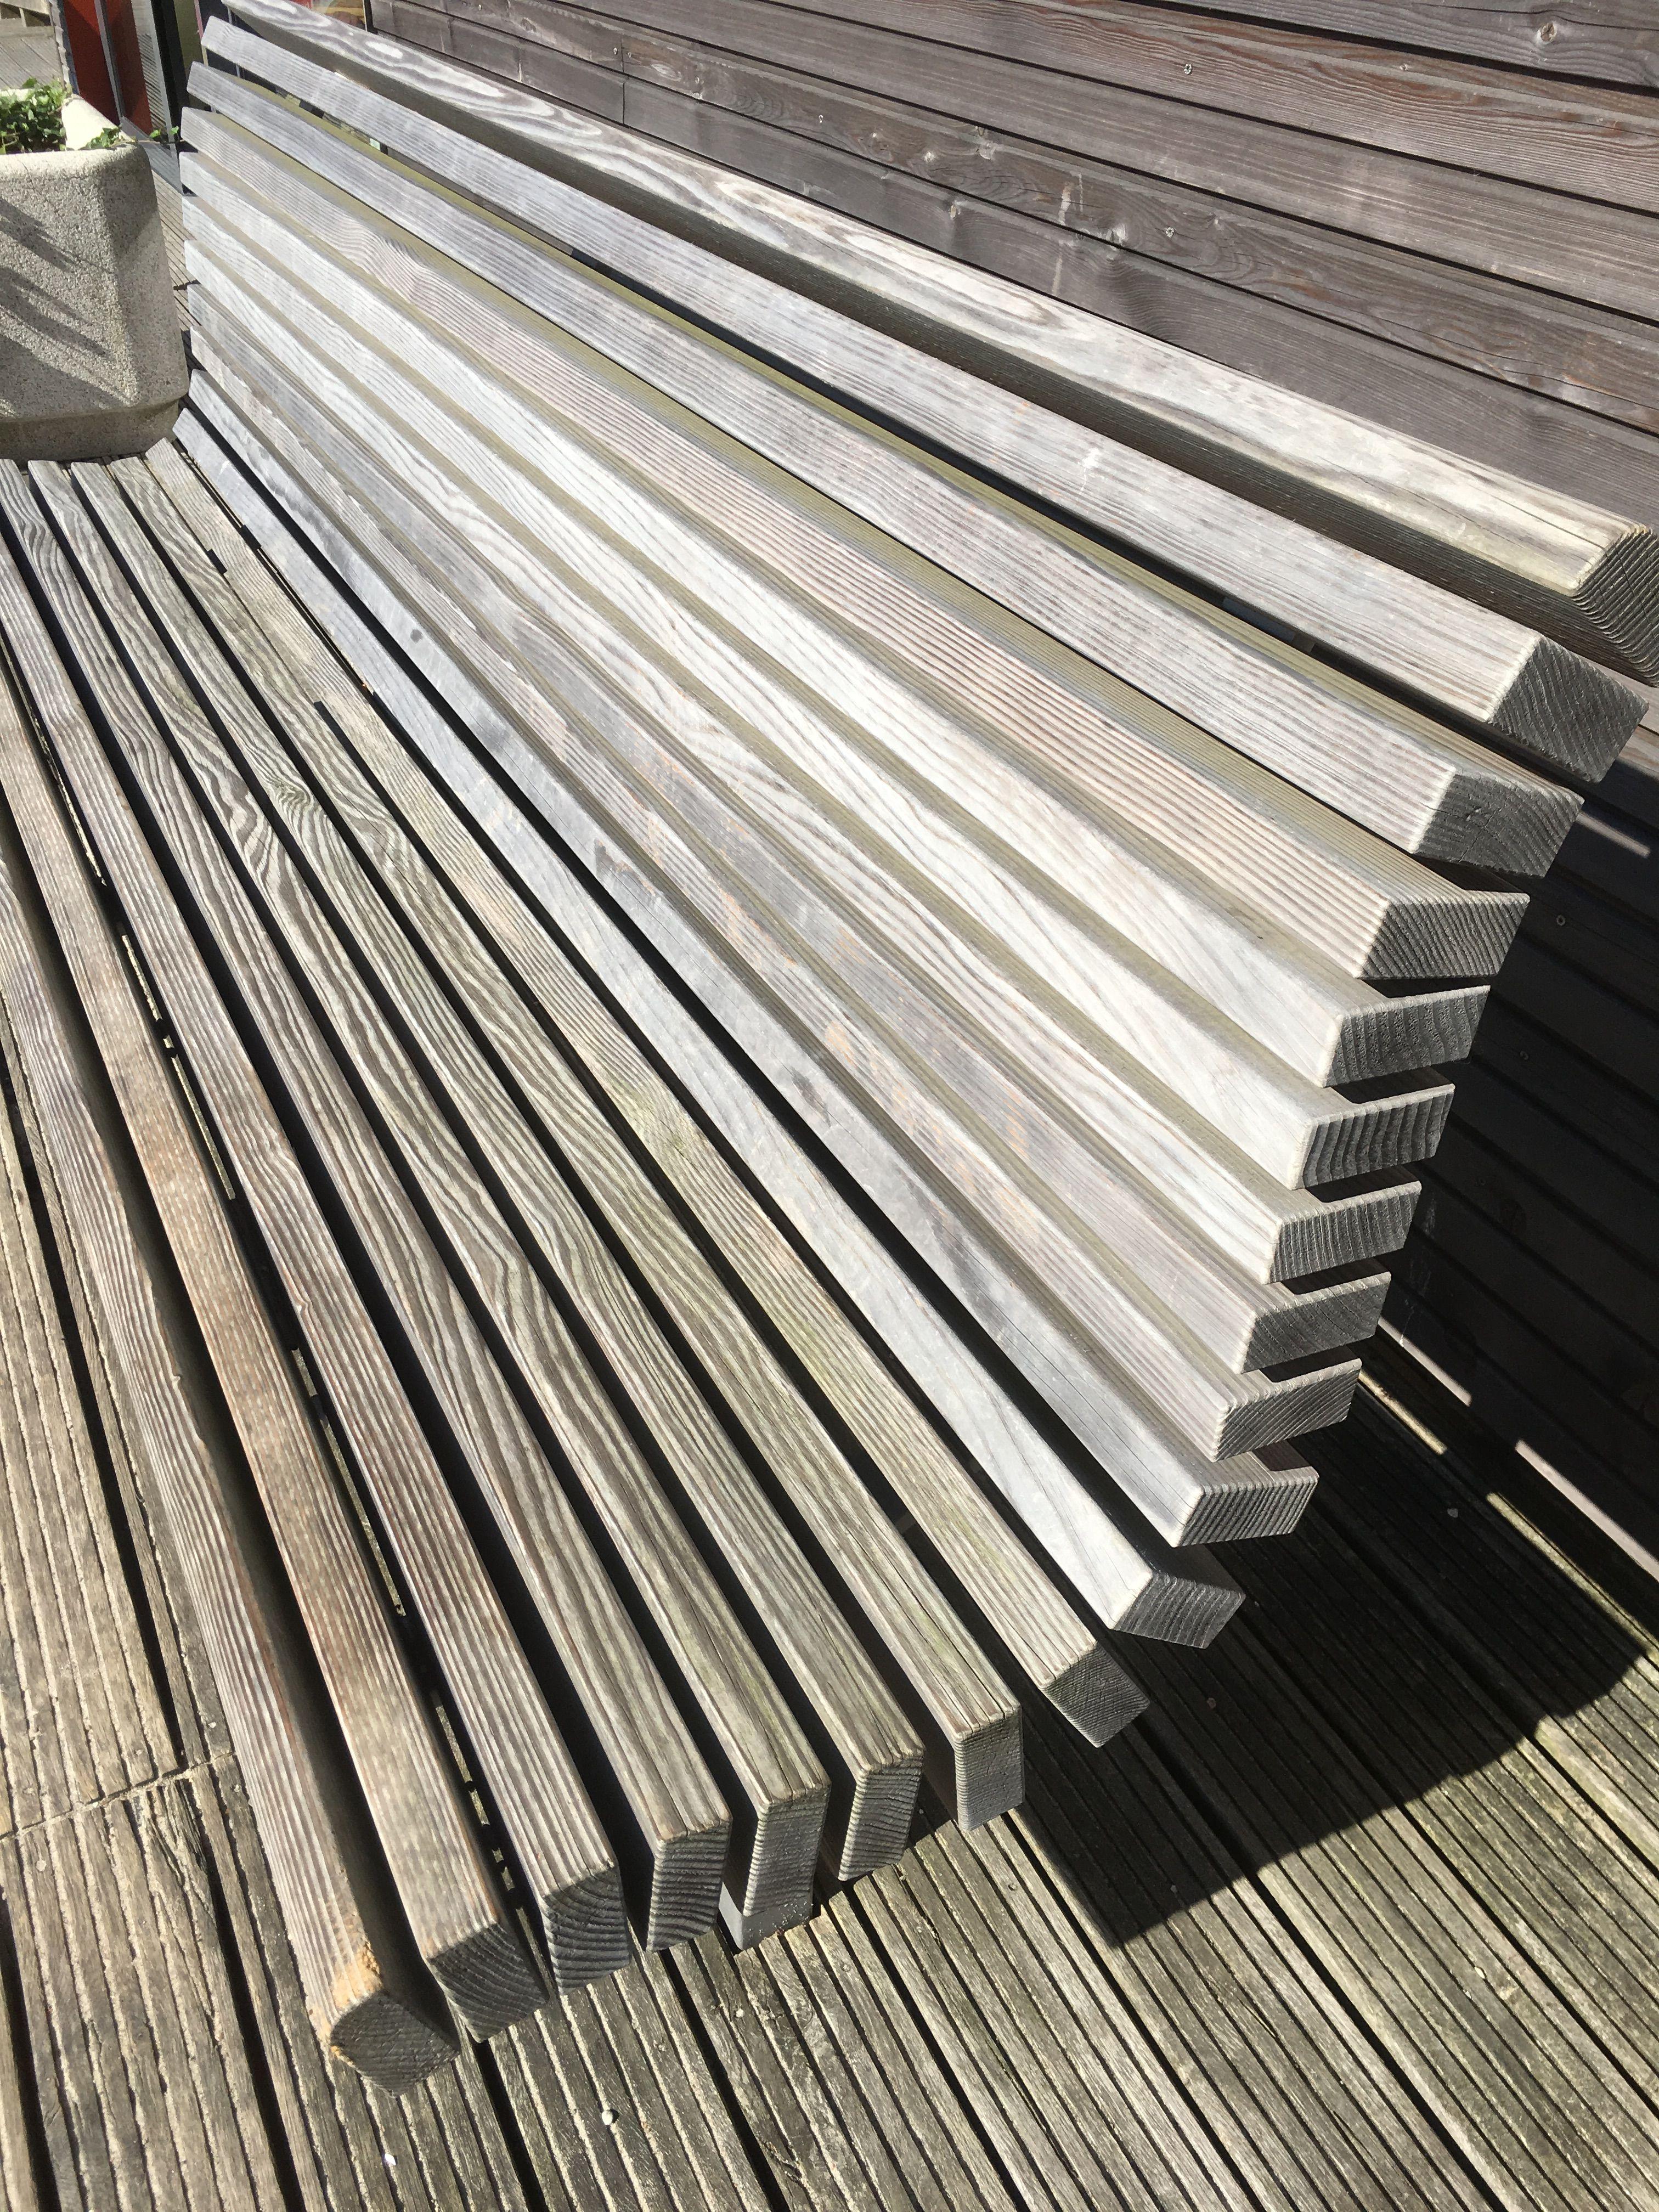 Holzbank geschwungen | Holzbänke - wood benches | Pinterest | Garden ...